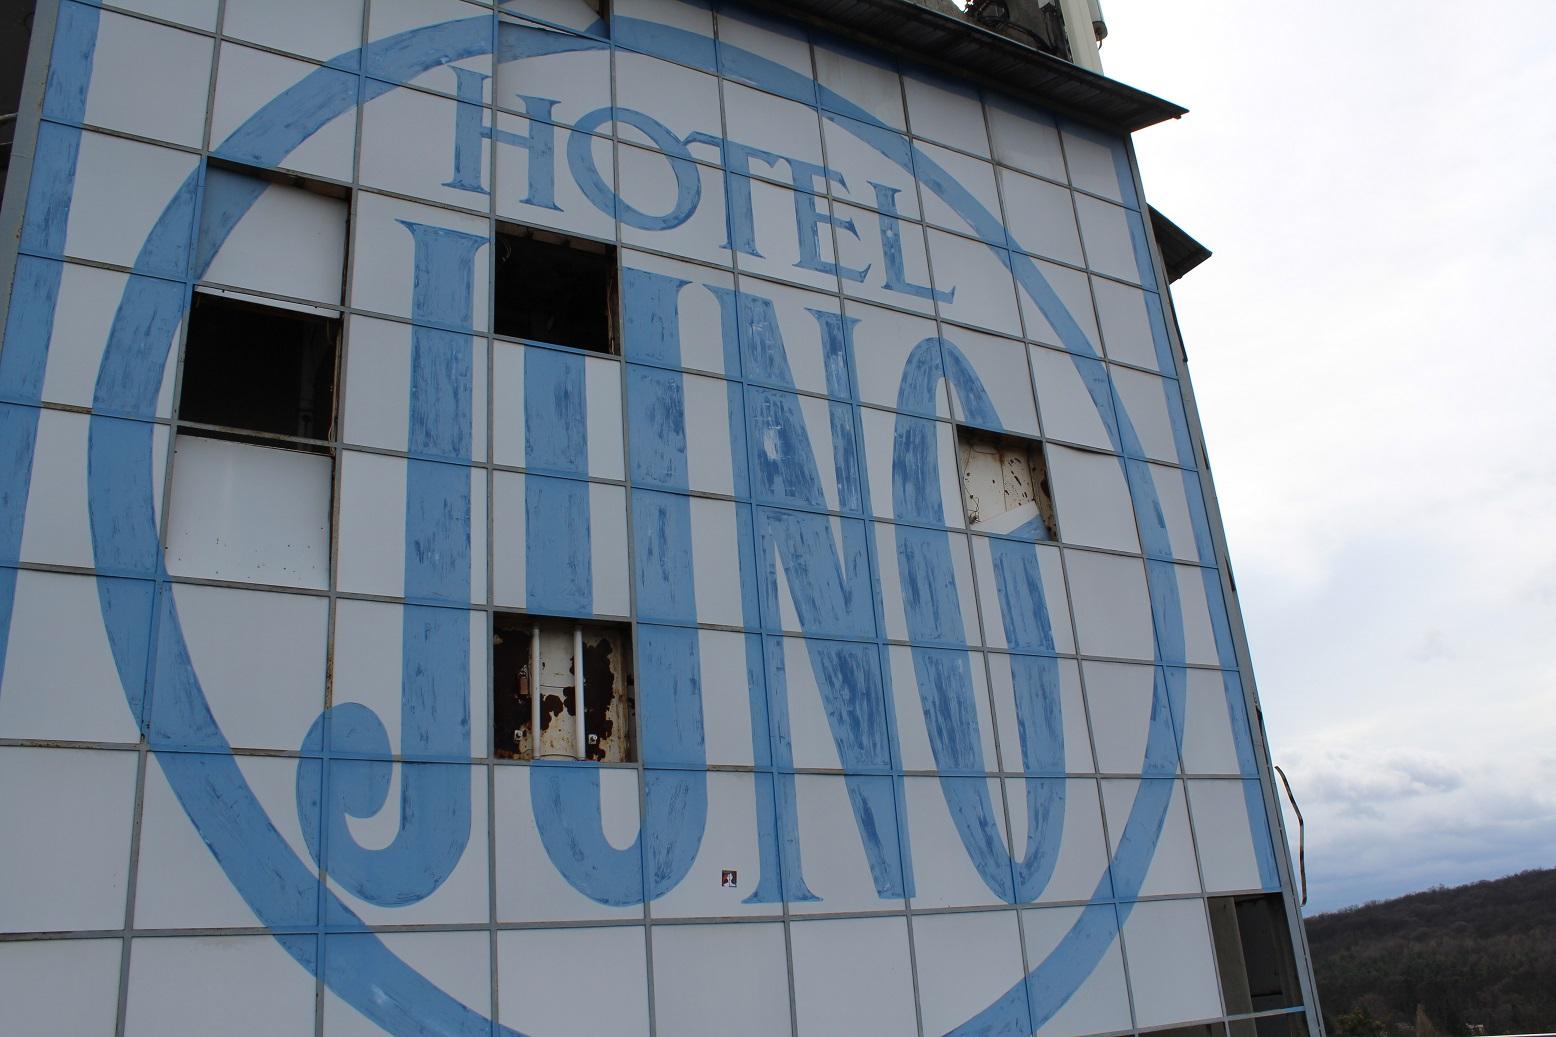 A Juno szálló egykor és most